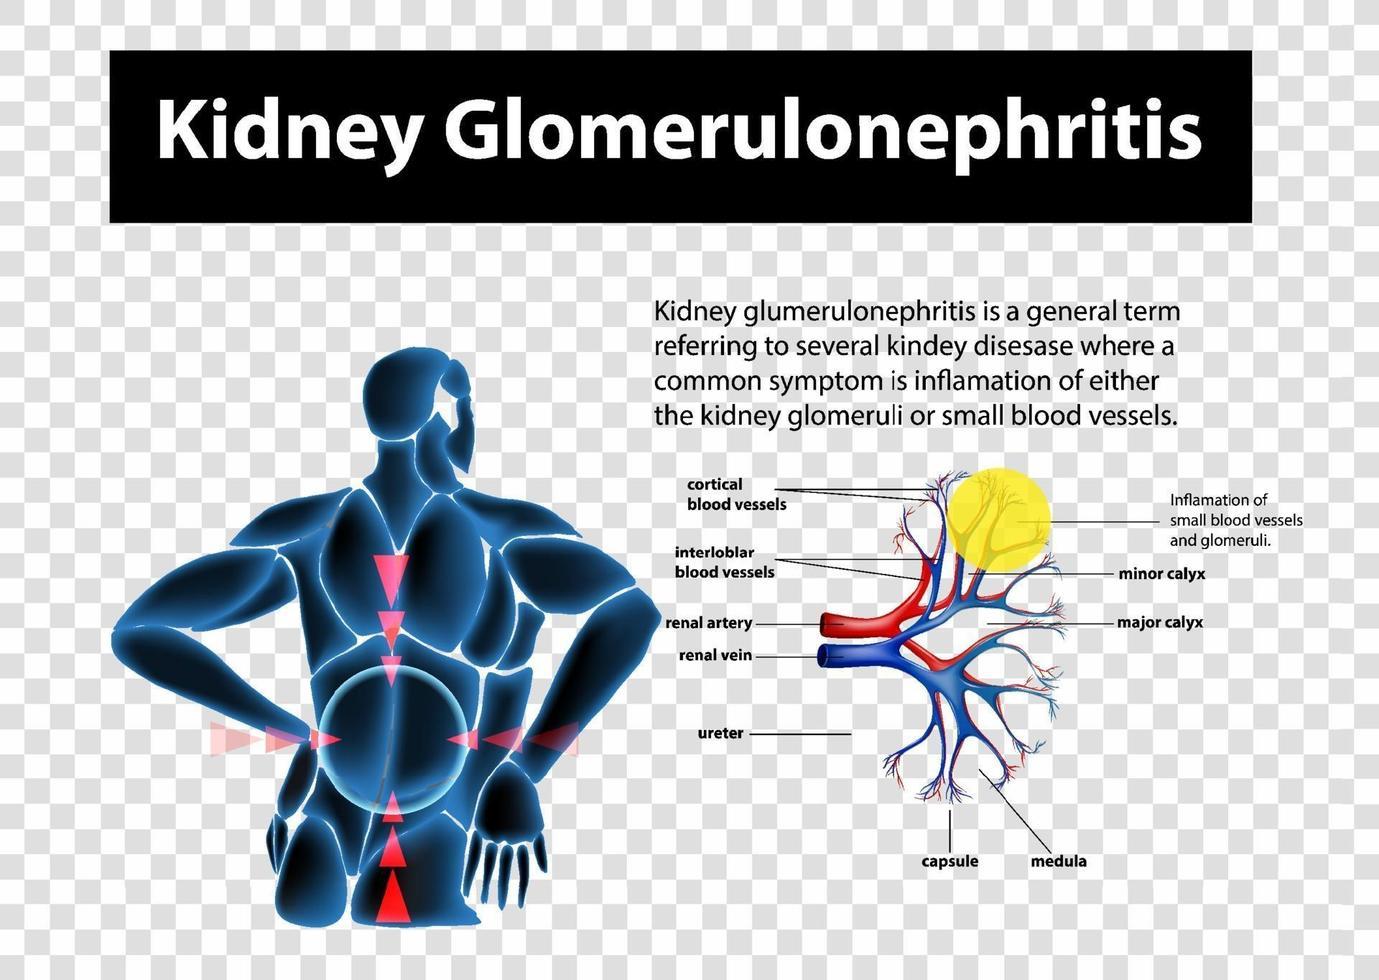 diagram met nierglomerulonefritis op transparante achtergrond vector